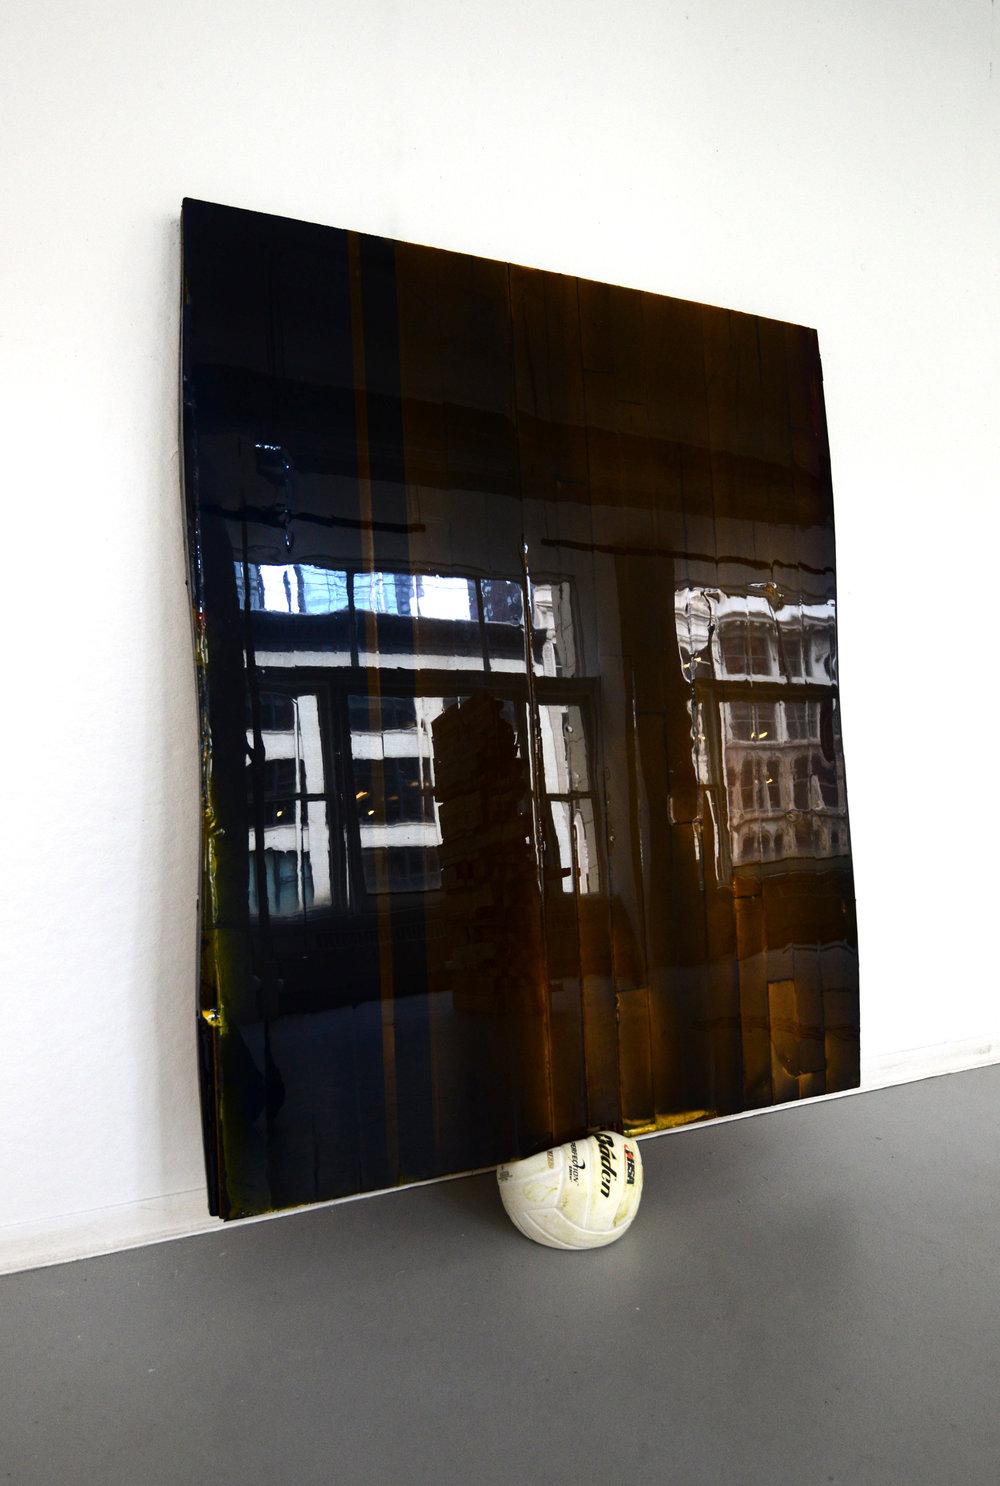 Jacqueline-Surdell-Artist-Installation-Shuddering-Turns-to-Sobbing-05.jpg